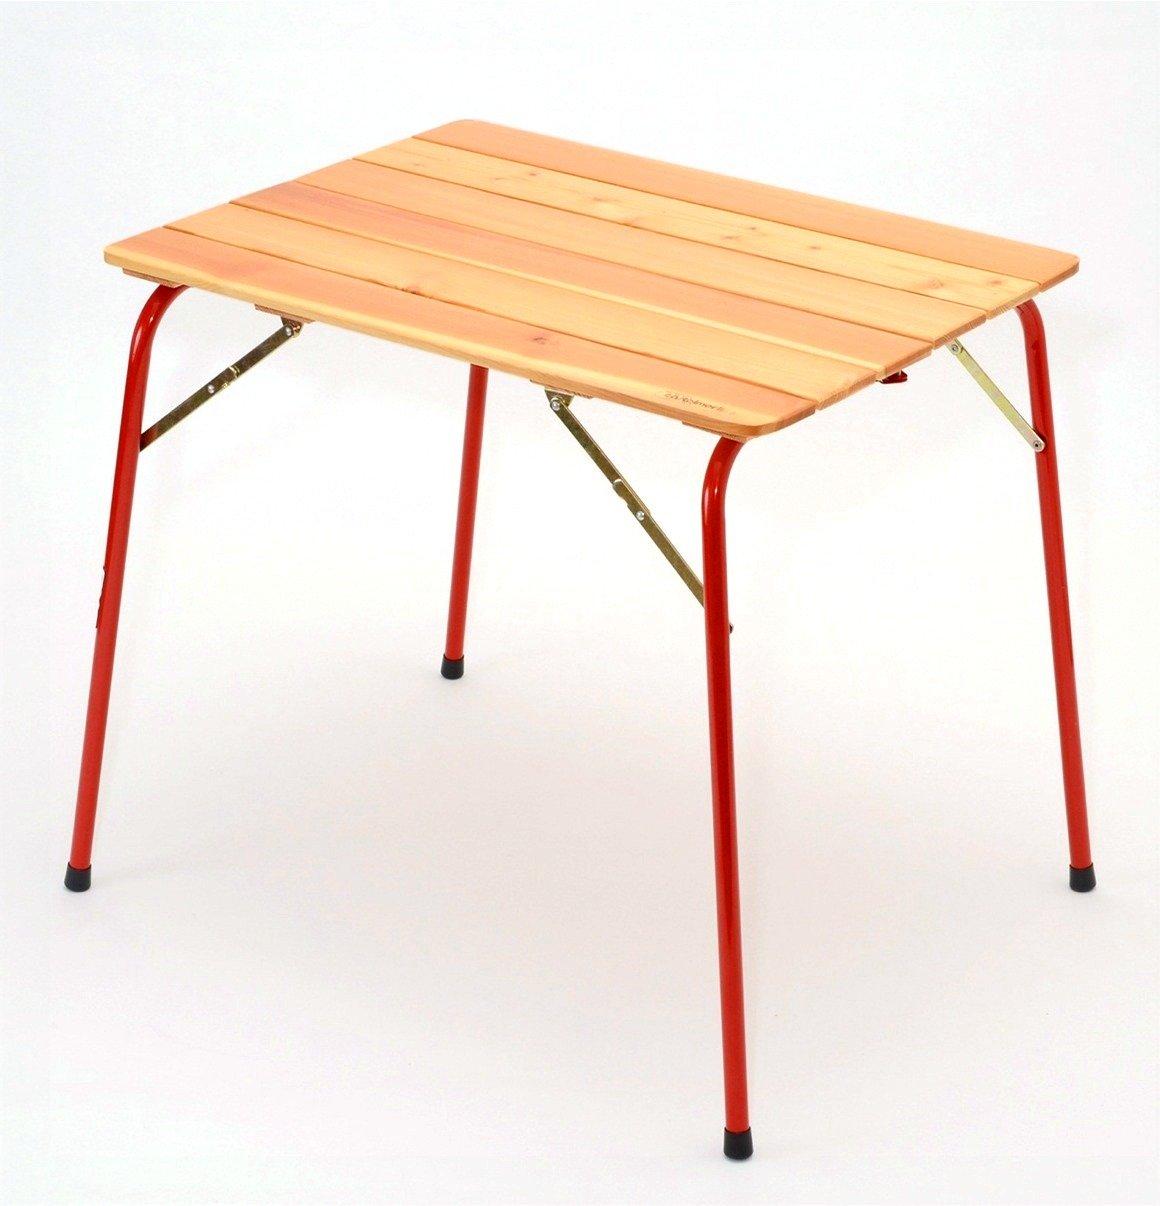 カステルメルリーノ(Castelmerlino) イタリア製 折りたたみ アウトドアテーブル S (80 X 60cm) No.46 B009EMWCOW